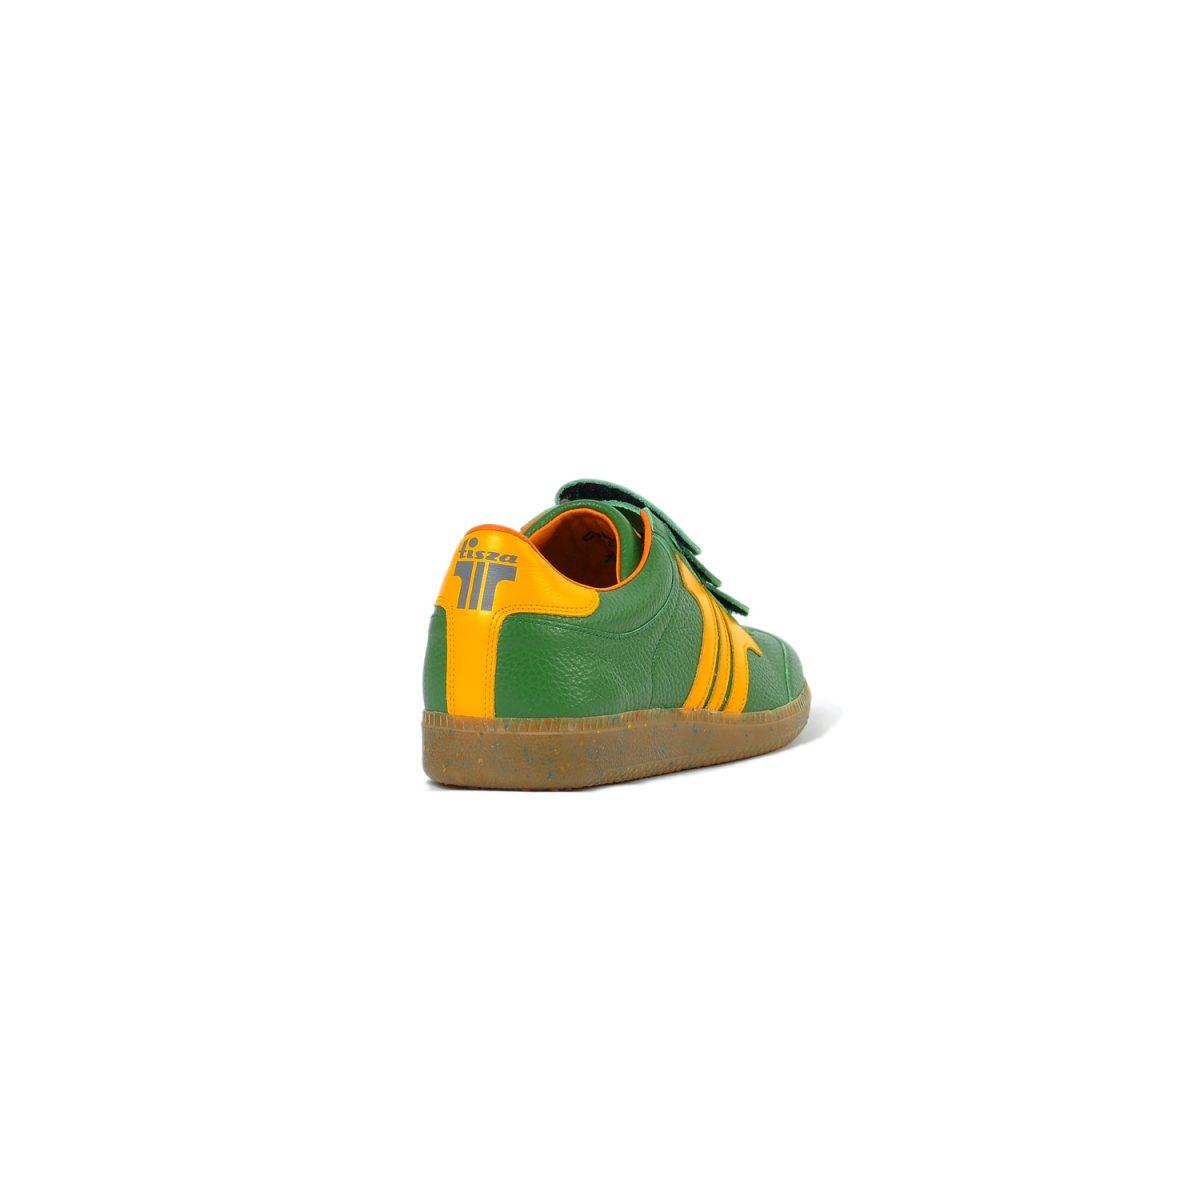 Tisza cipő - Delux - Zöld-sárga